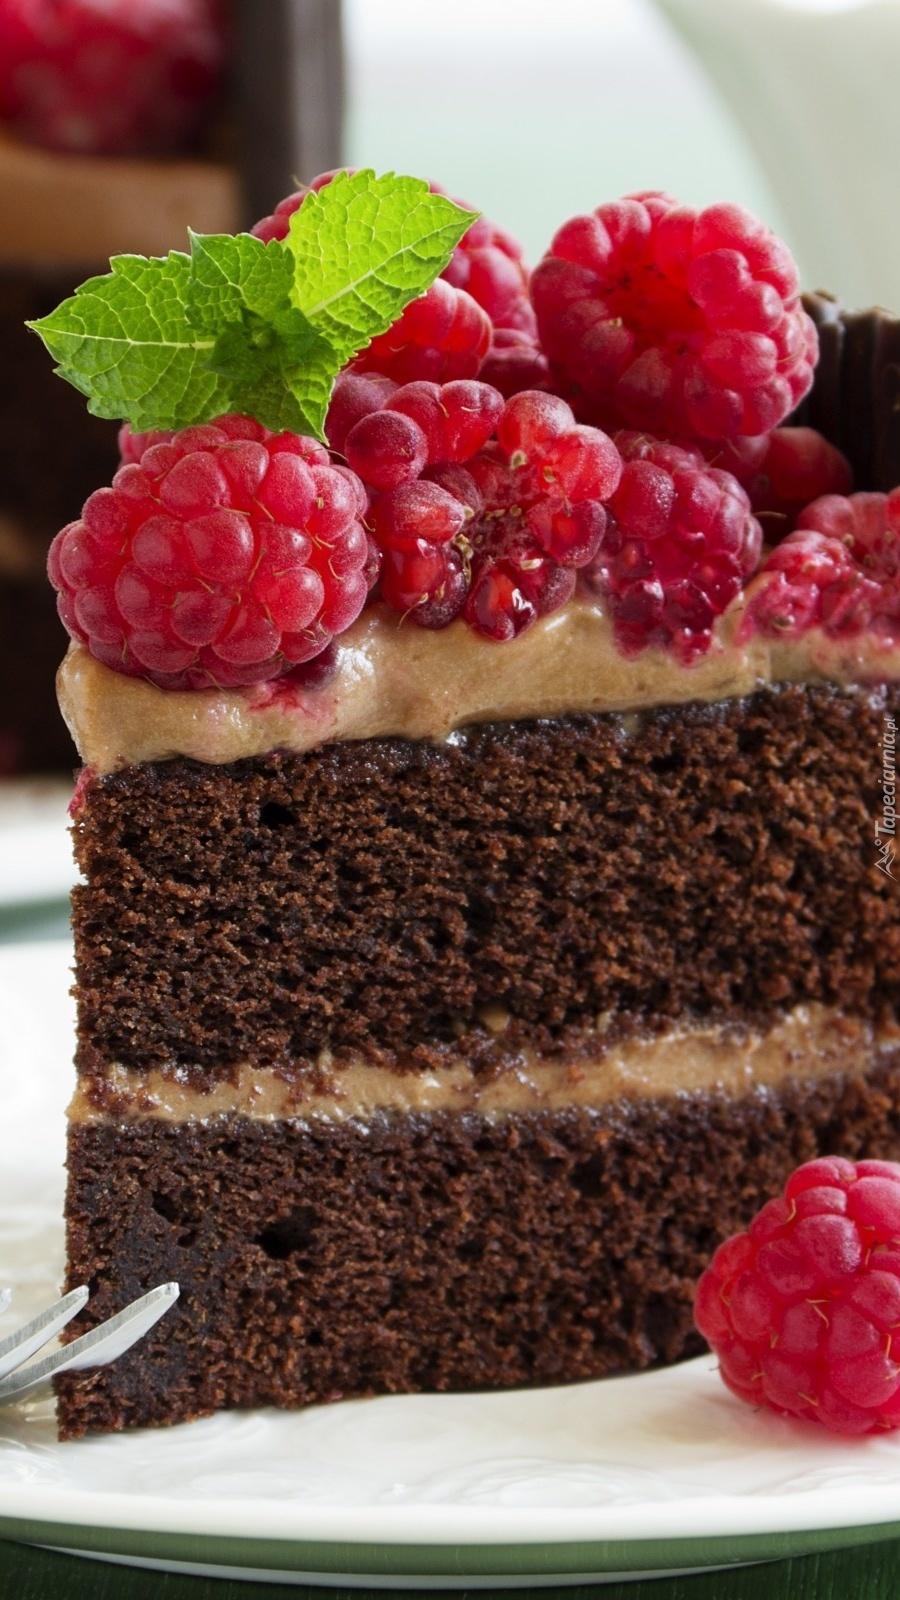 Czekoladowy tort z malinami i listkiem mięty